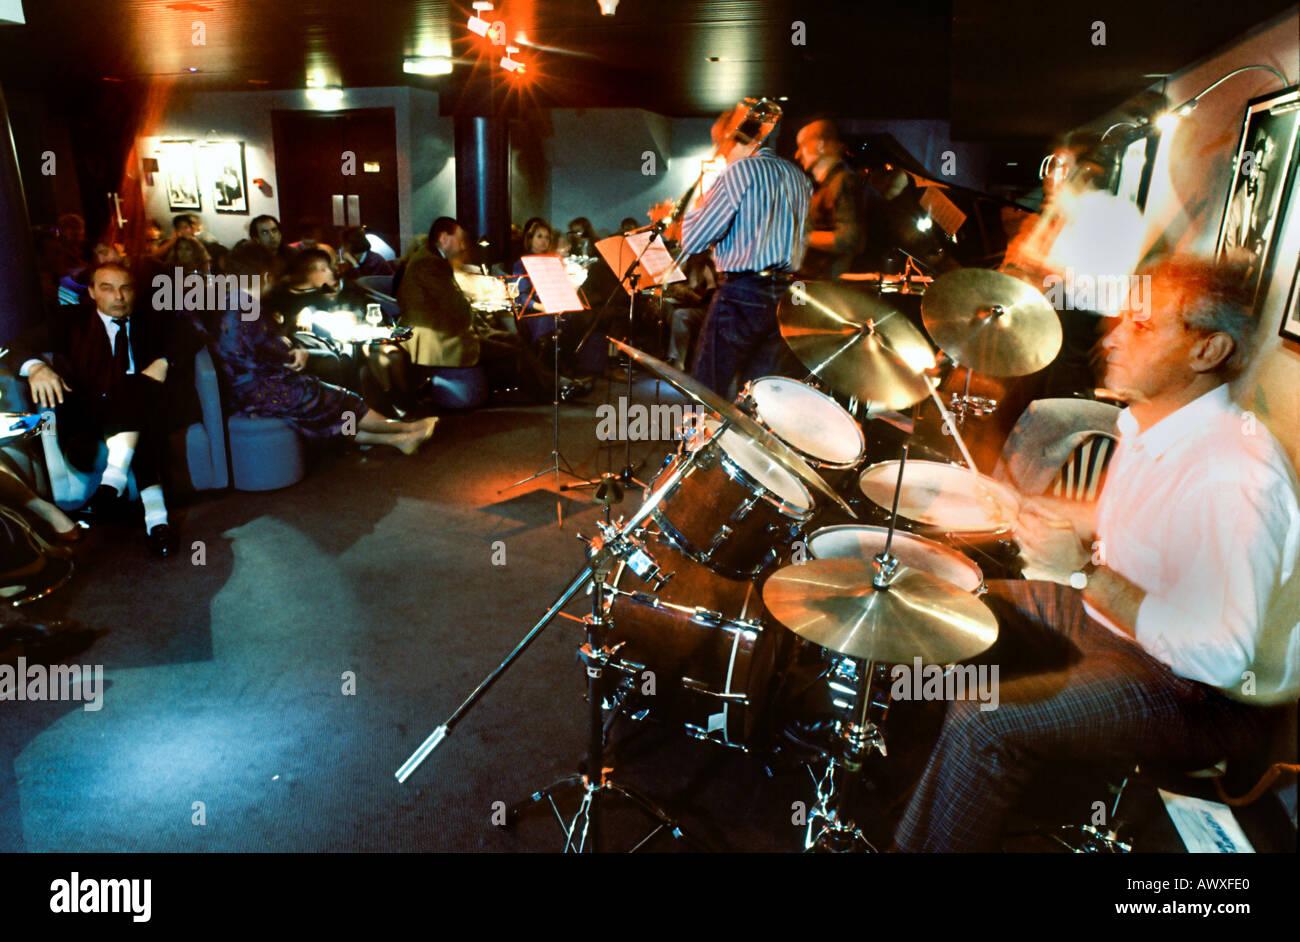 PARIS France Jazz musique jouant dans 'All Jazz Club' à 'St Germain des Prés' 'quartier Latin' personnes à l'intérieur de la discothèque Banque D'Images